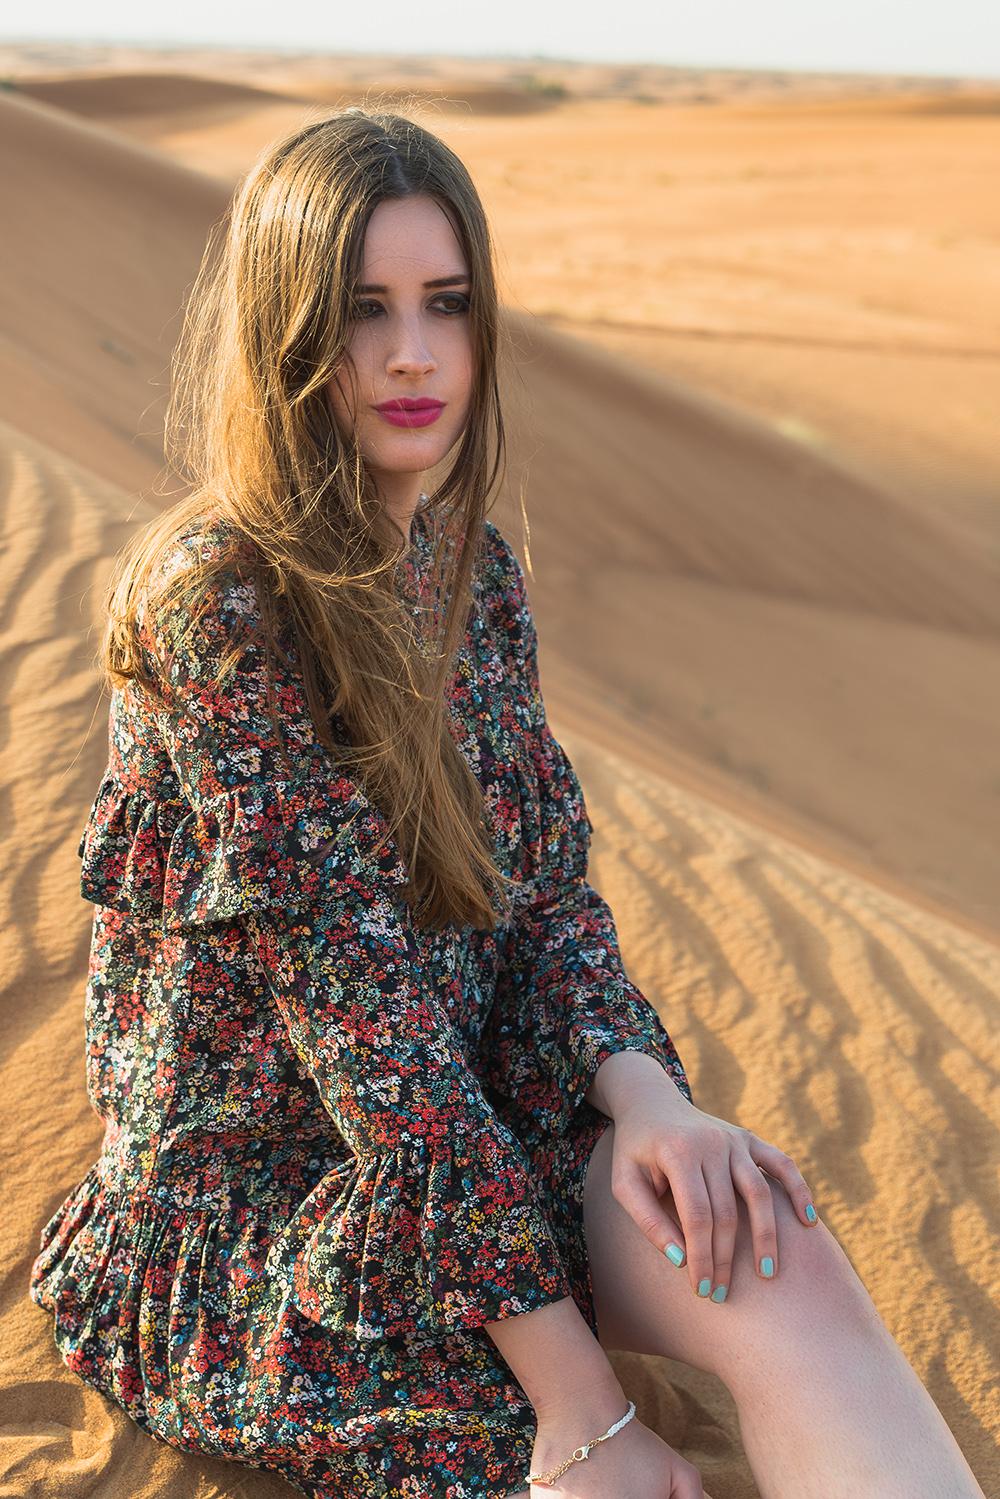 Modeblog-Deutschland-Deutsche-Mode-Mode-Influencer-Andrea-Funk-andysparkles-Berlin-Freitagspost-5-Jahres-Plan-Wüste-Dubai